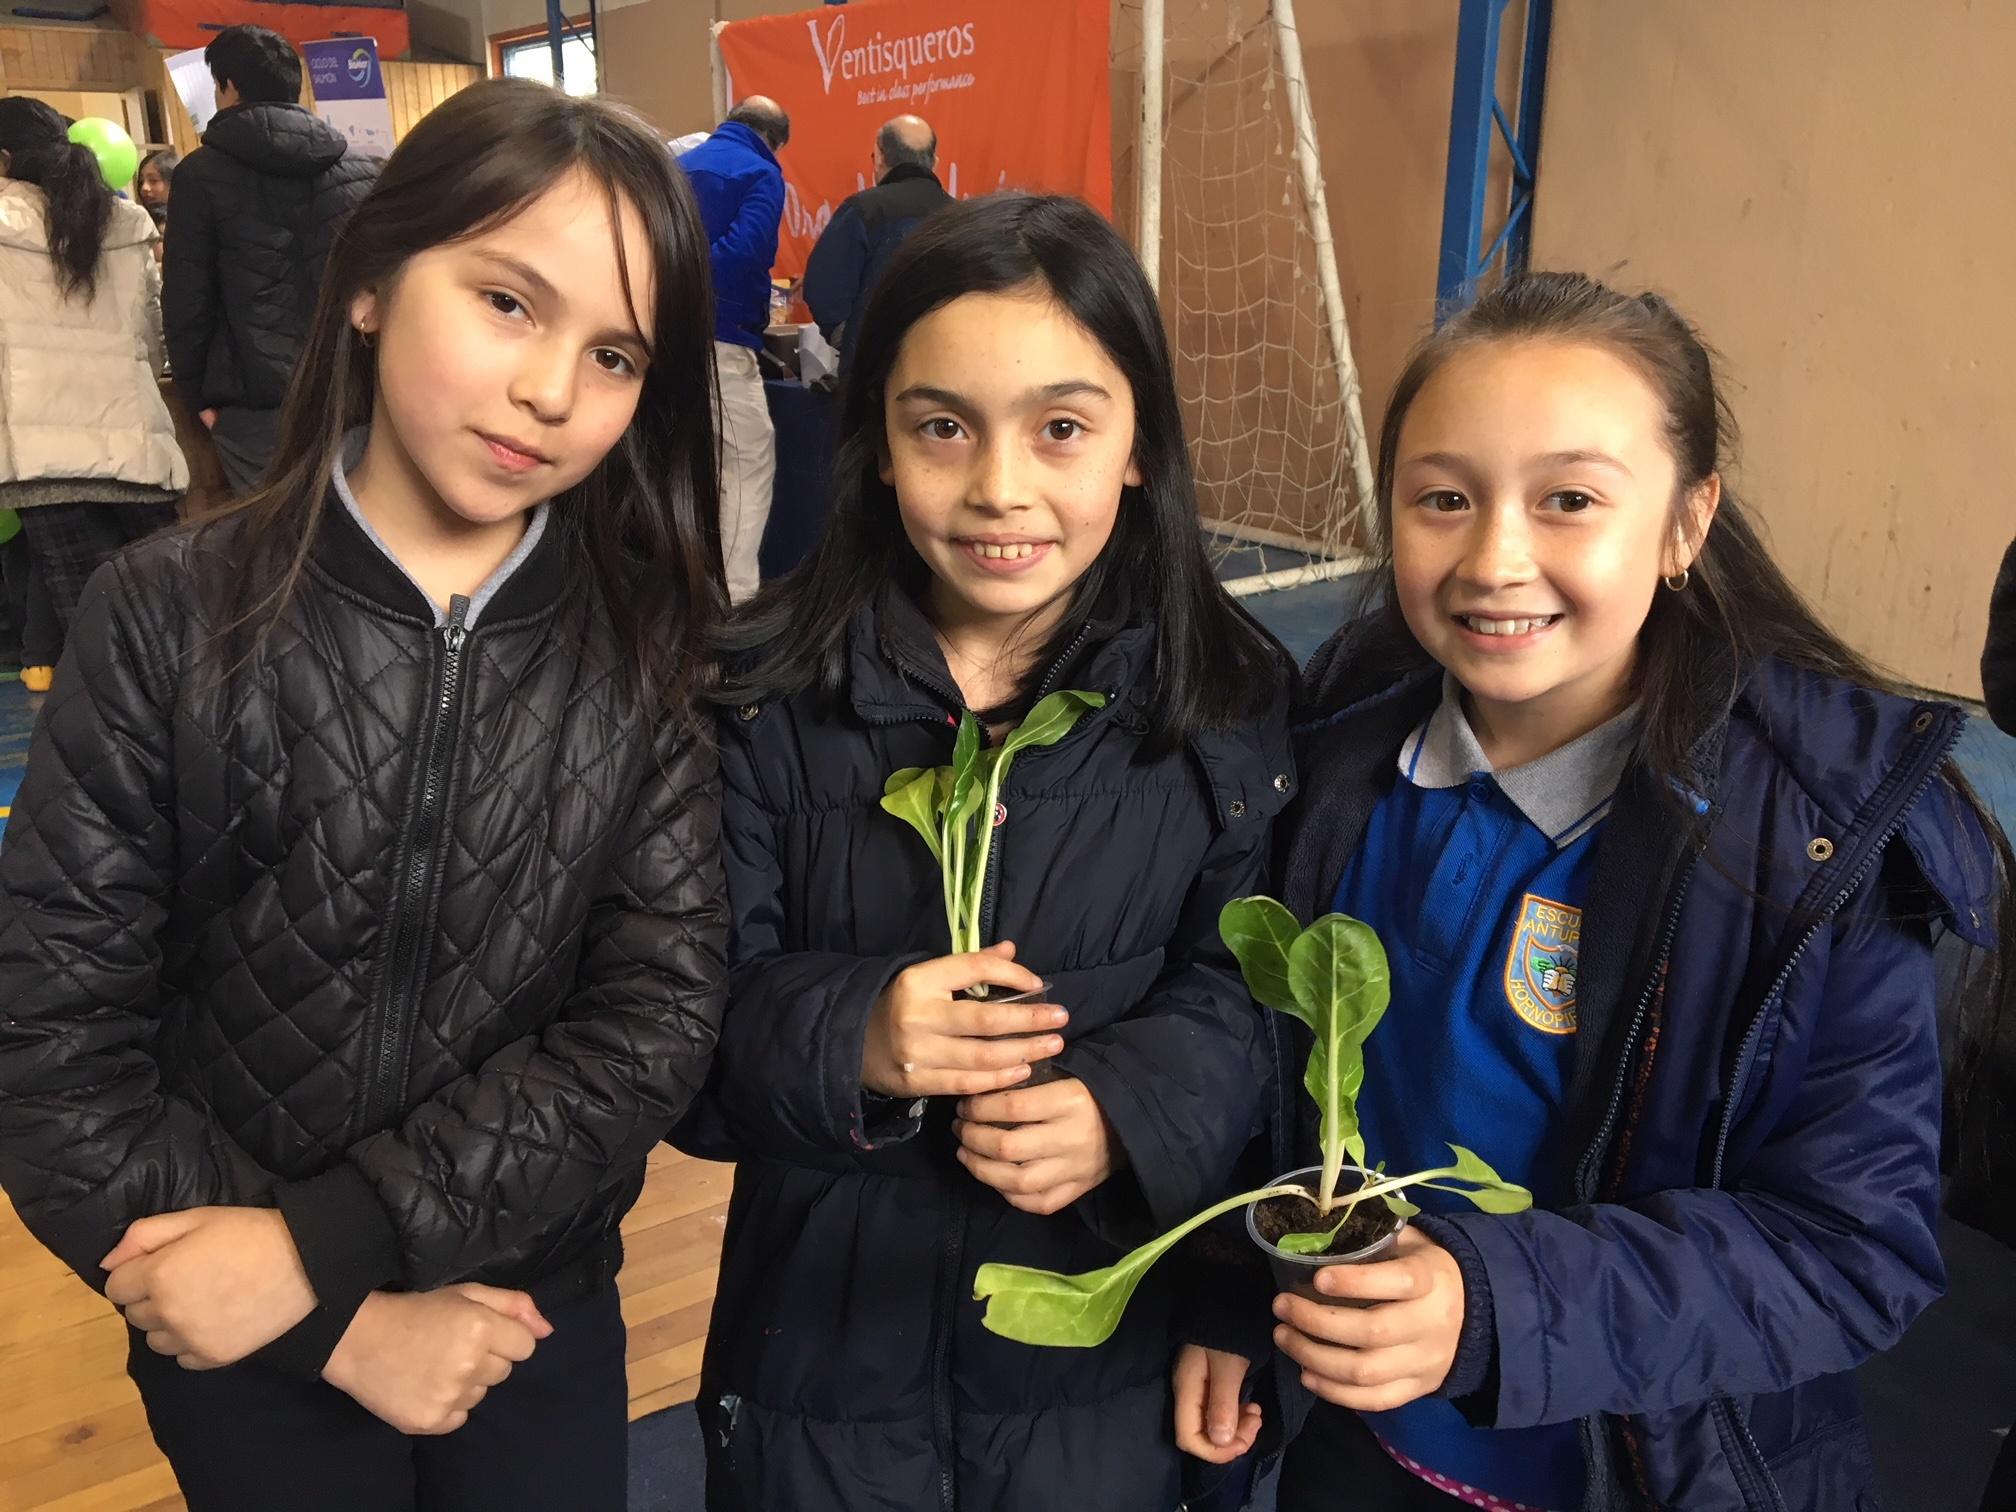 Escuelas acompañadas por Ventisqueros obtienen certificación ambiental